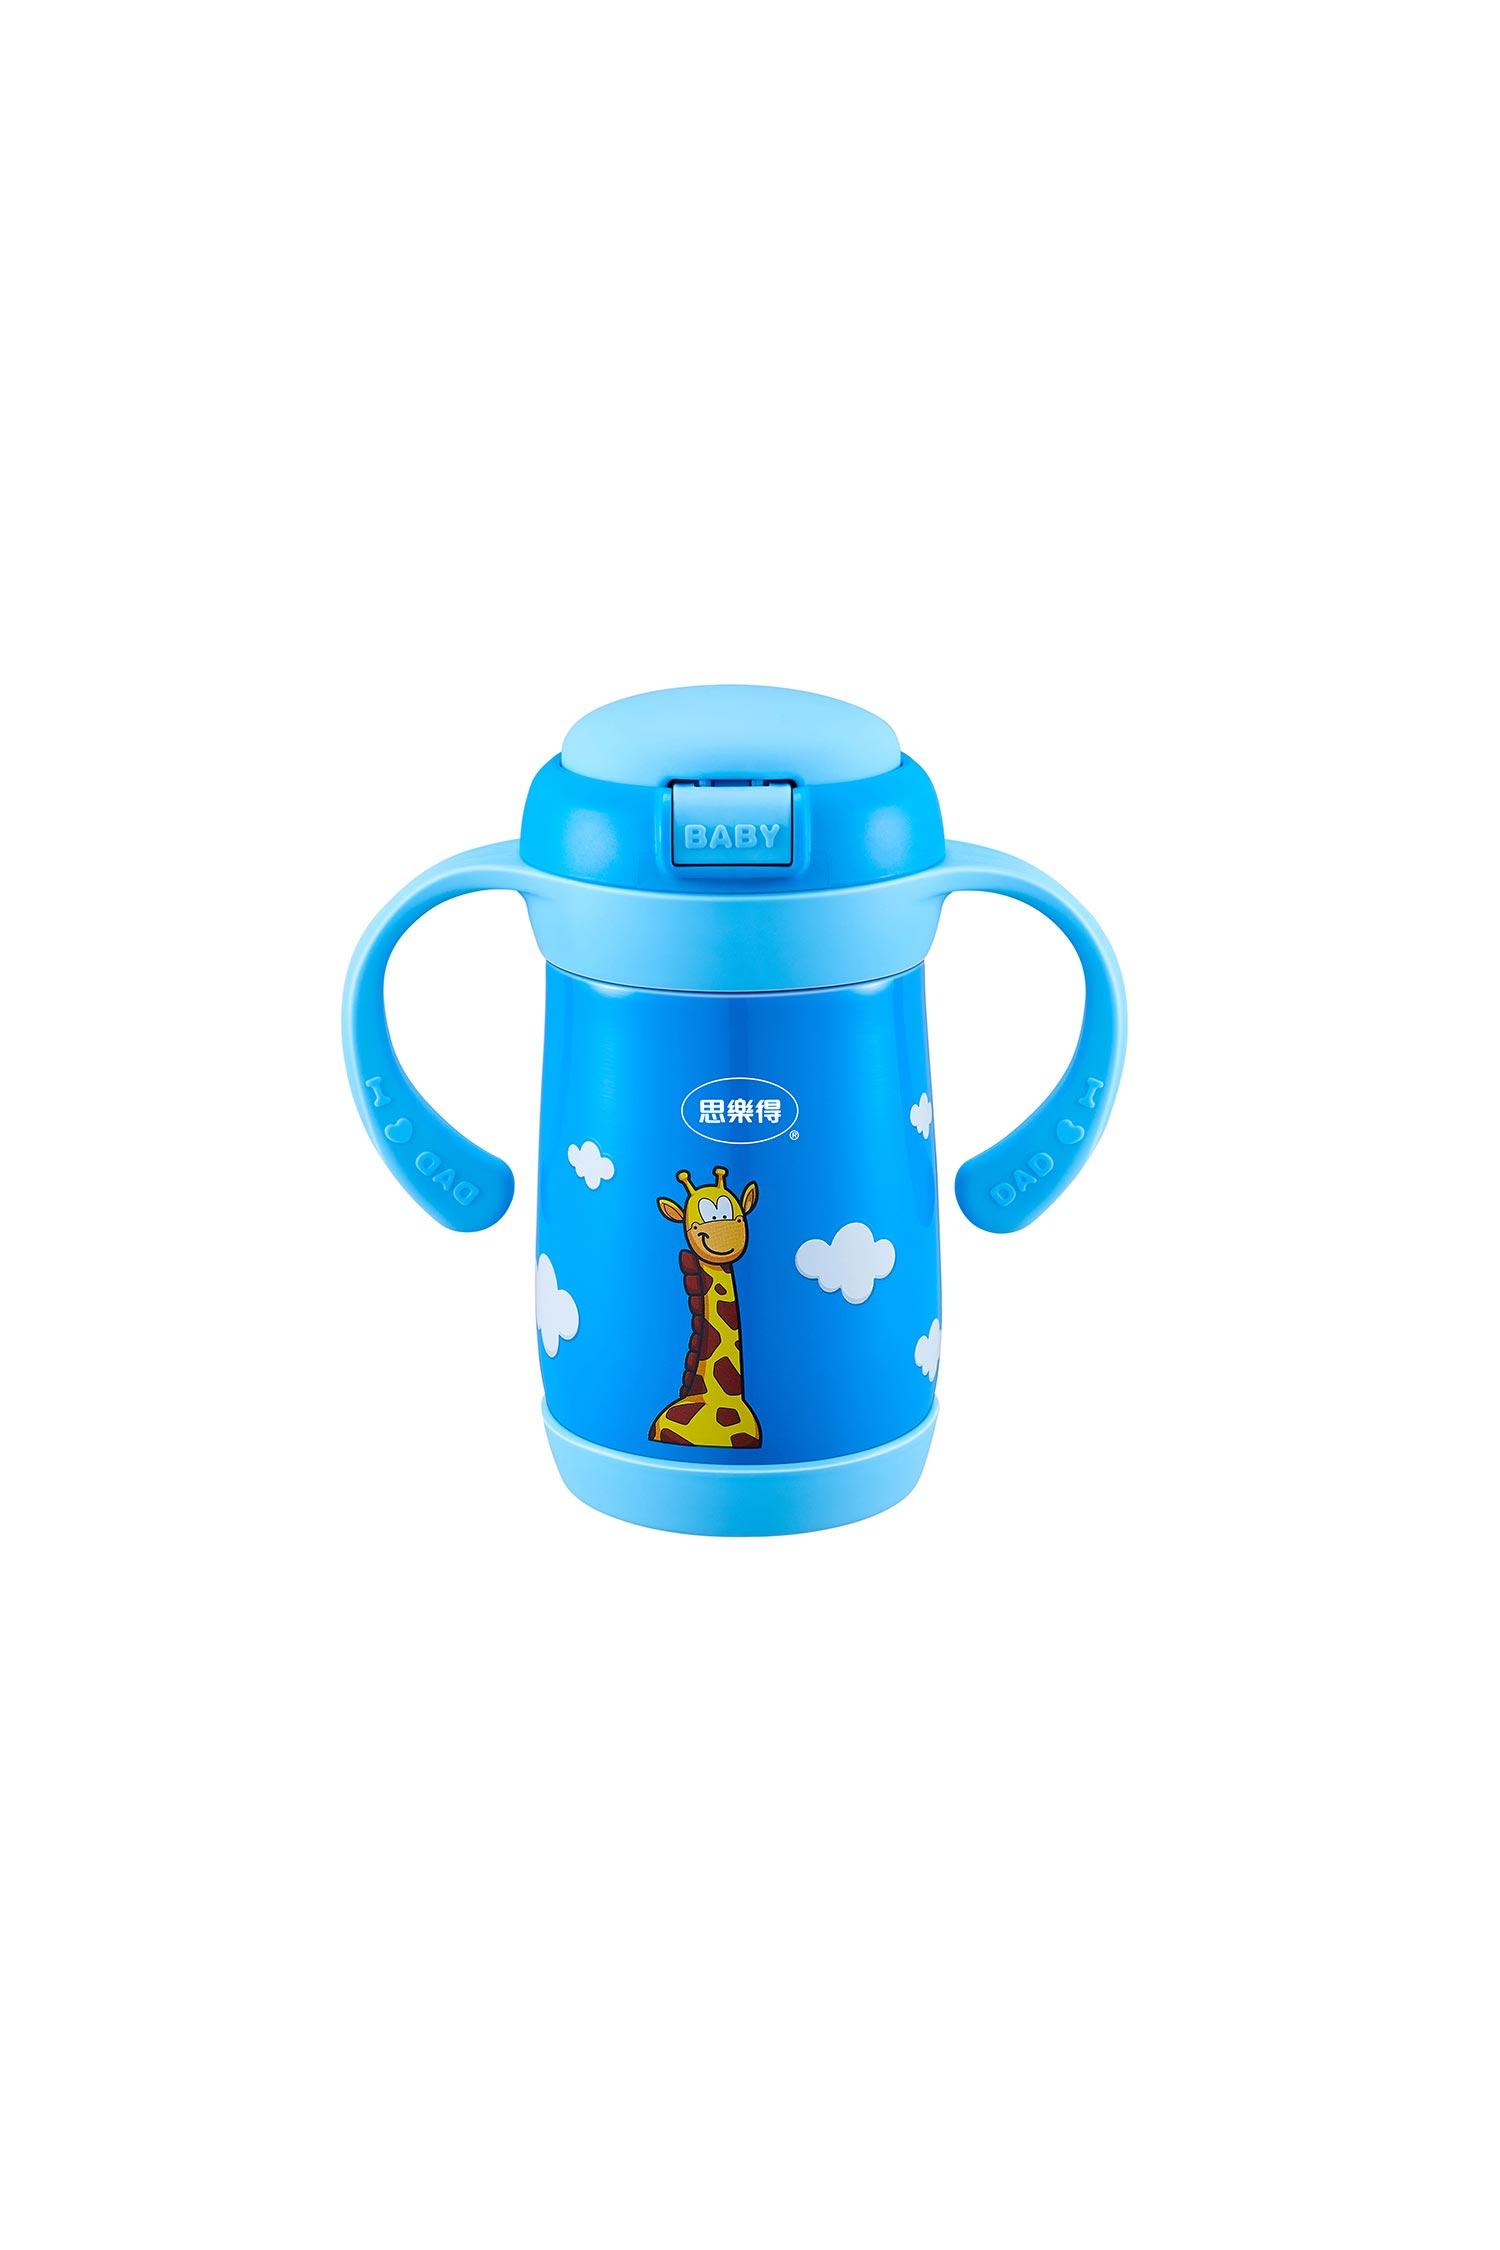 彩色儿童保温杯定制 不锈钢保温杯厂家 思乐得